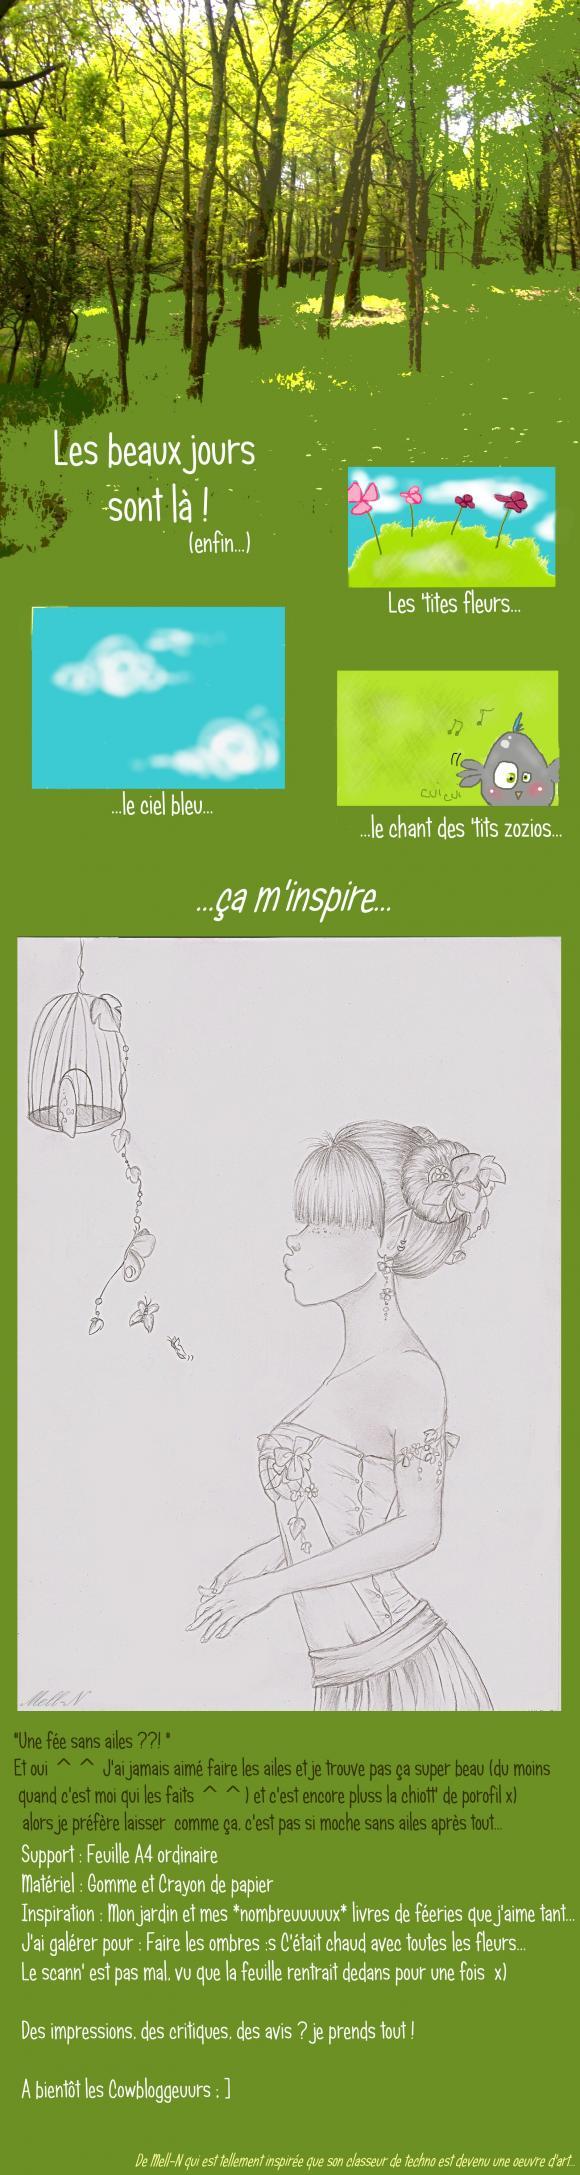 http://mell-n.cowblog.fr/images/Lesbeauxjours.jpg